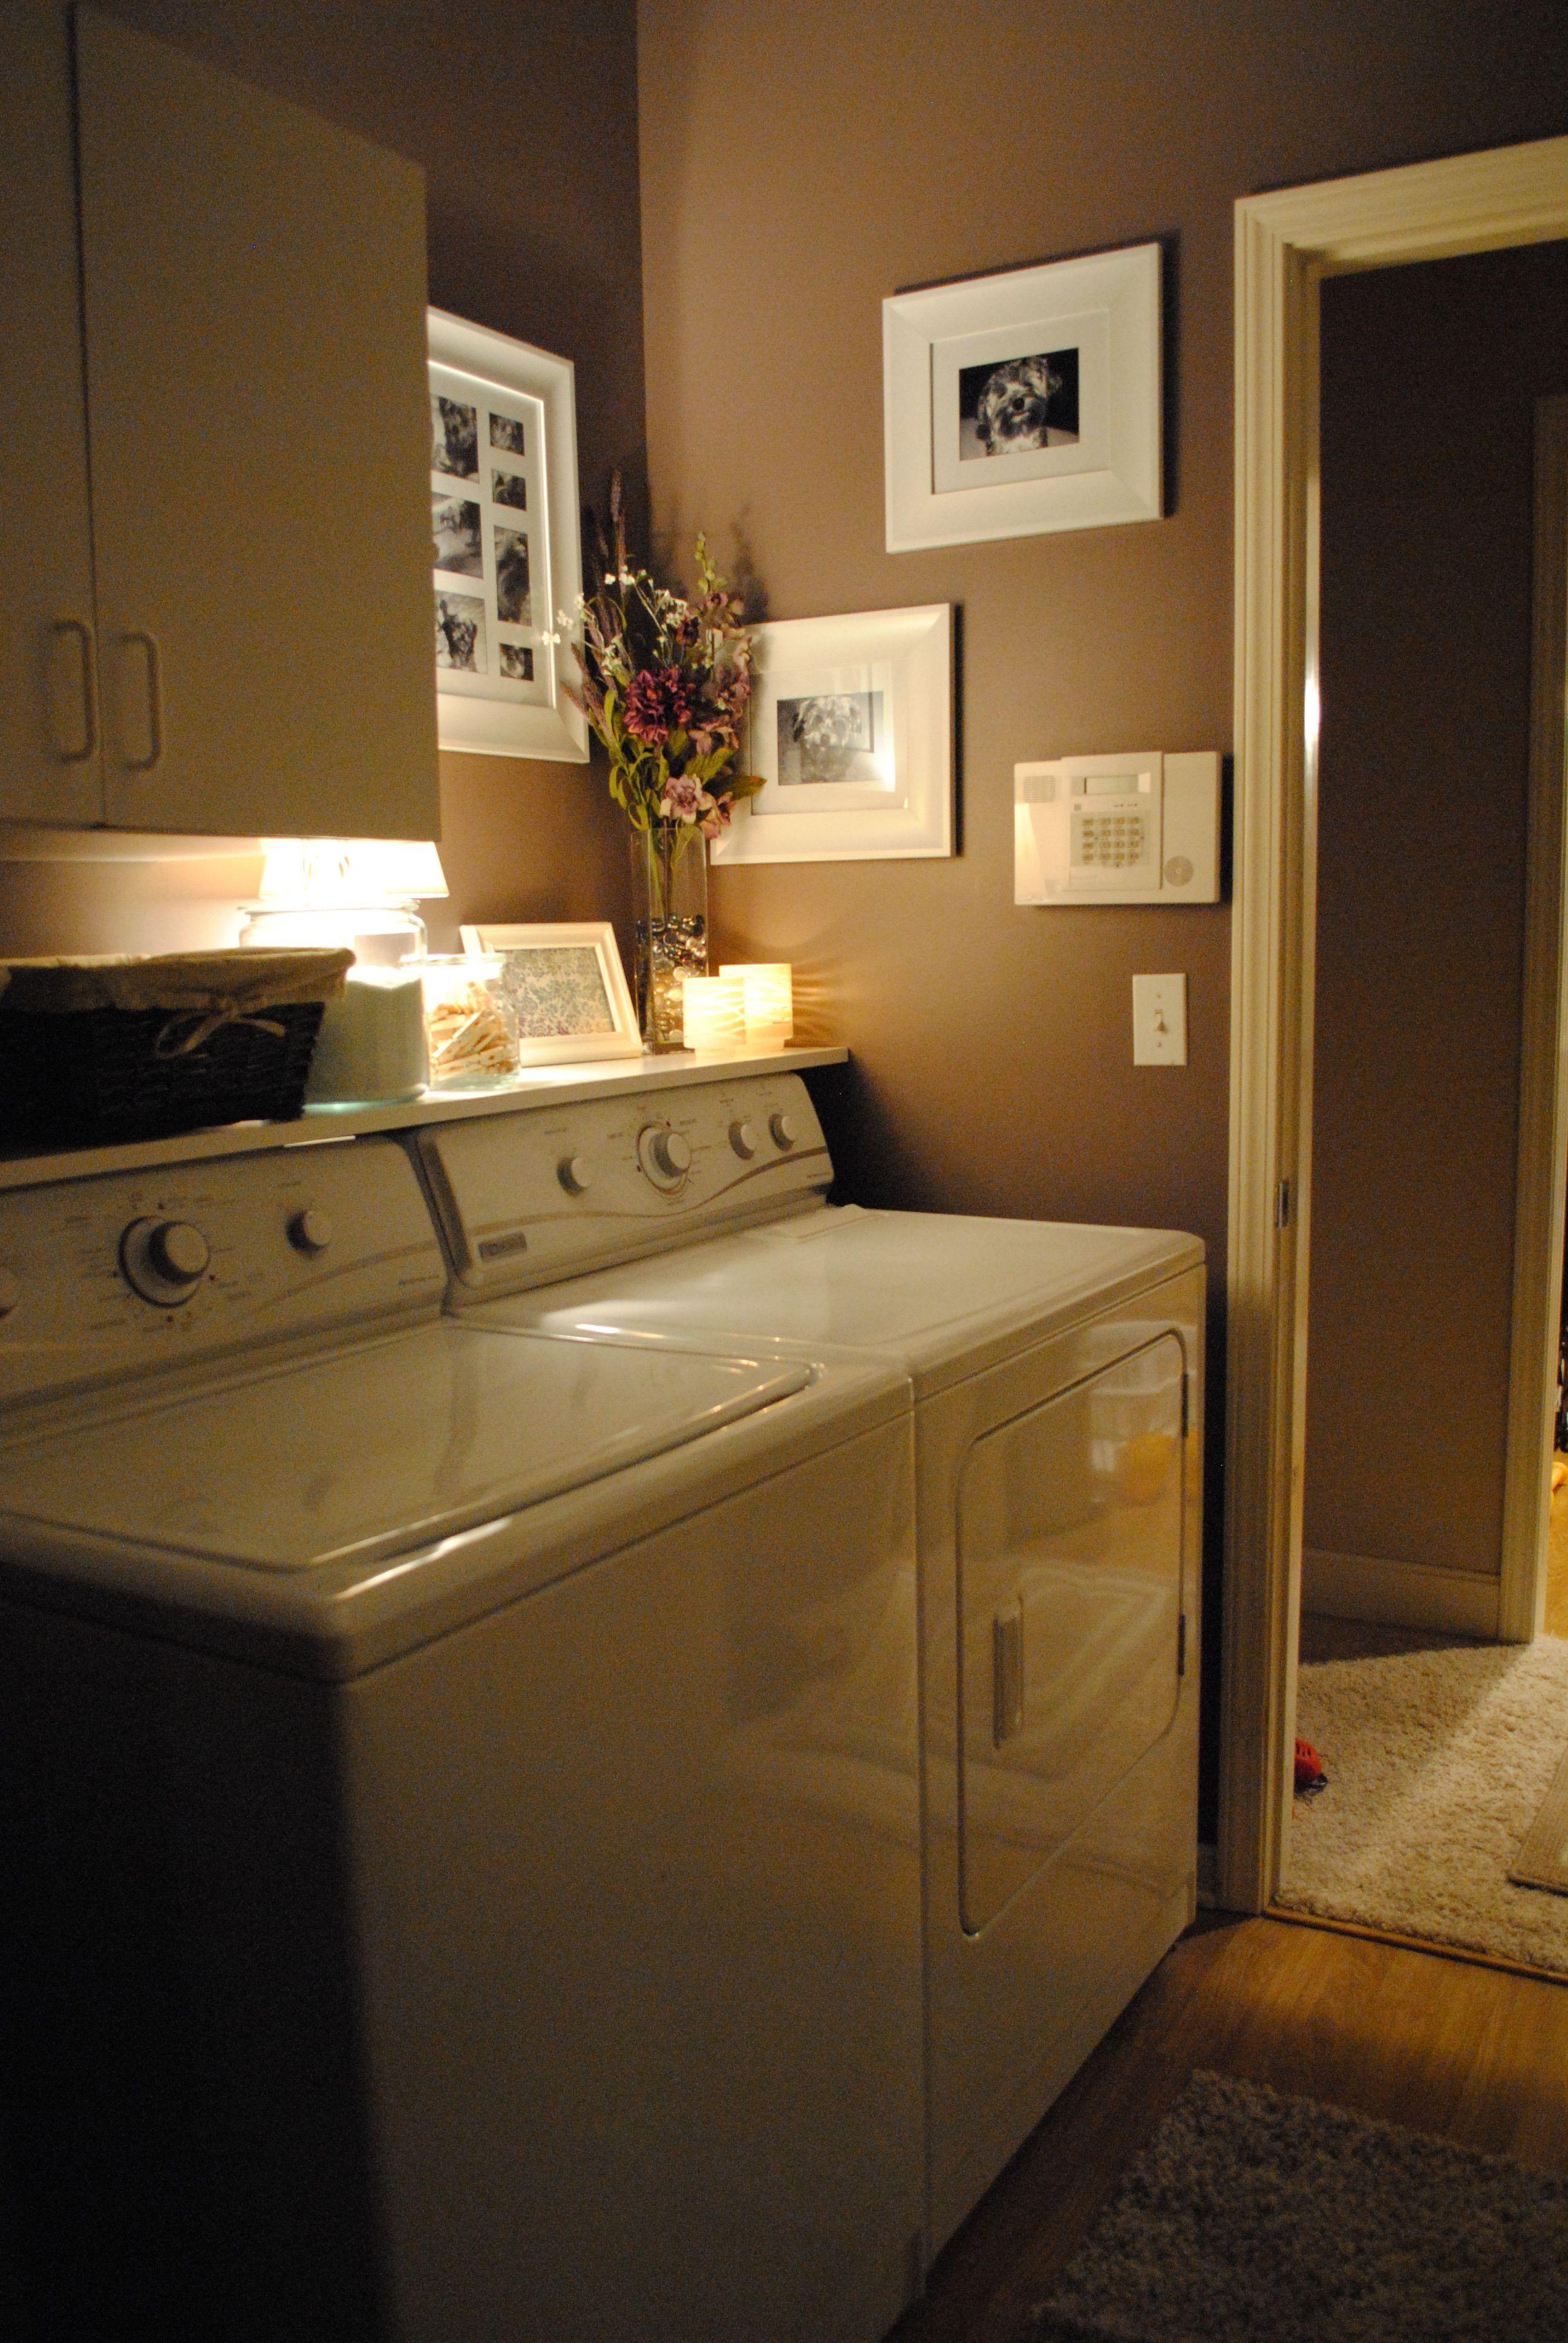 linnenkast wasruimte planken kleine wasruimtes wasruimte verlichting wastips kelder wasplaats